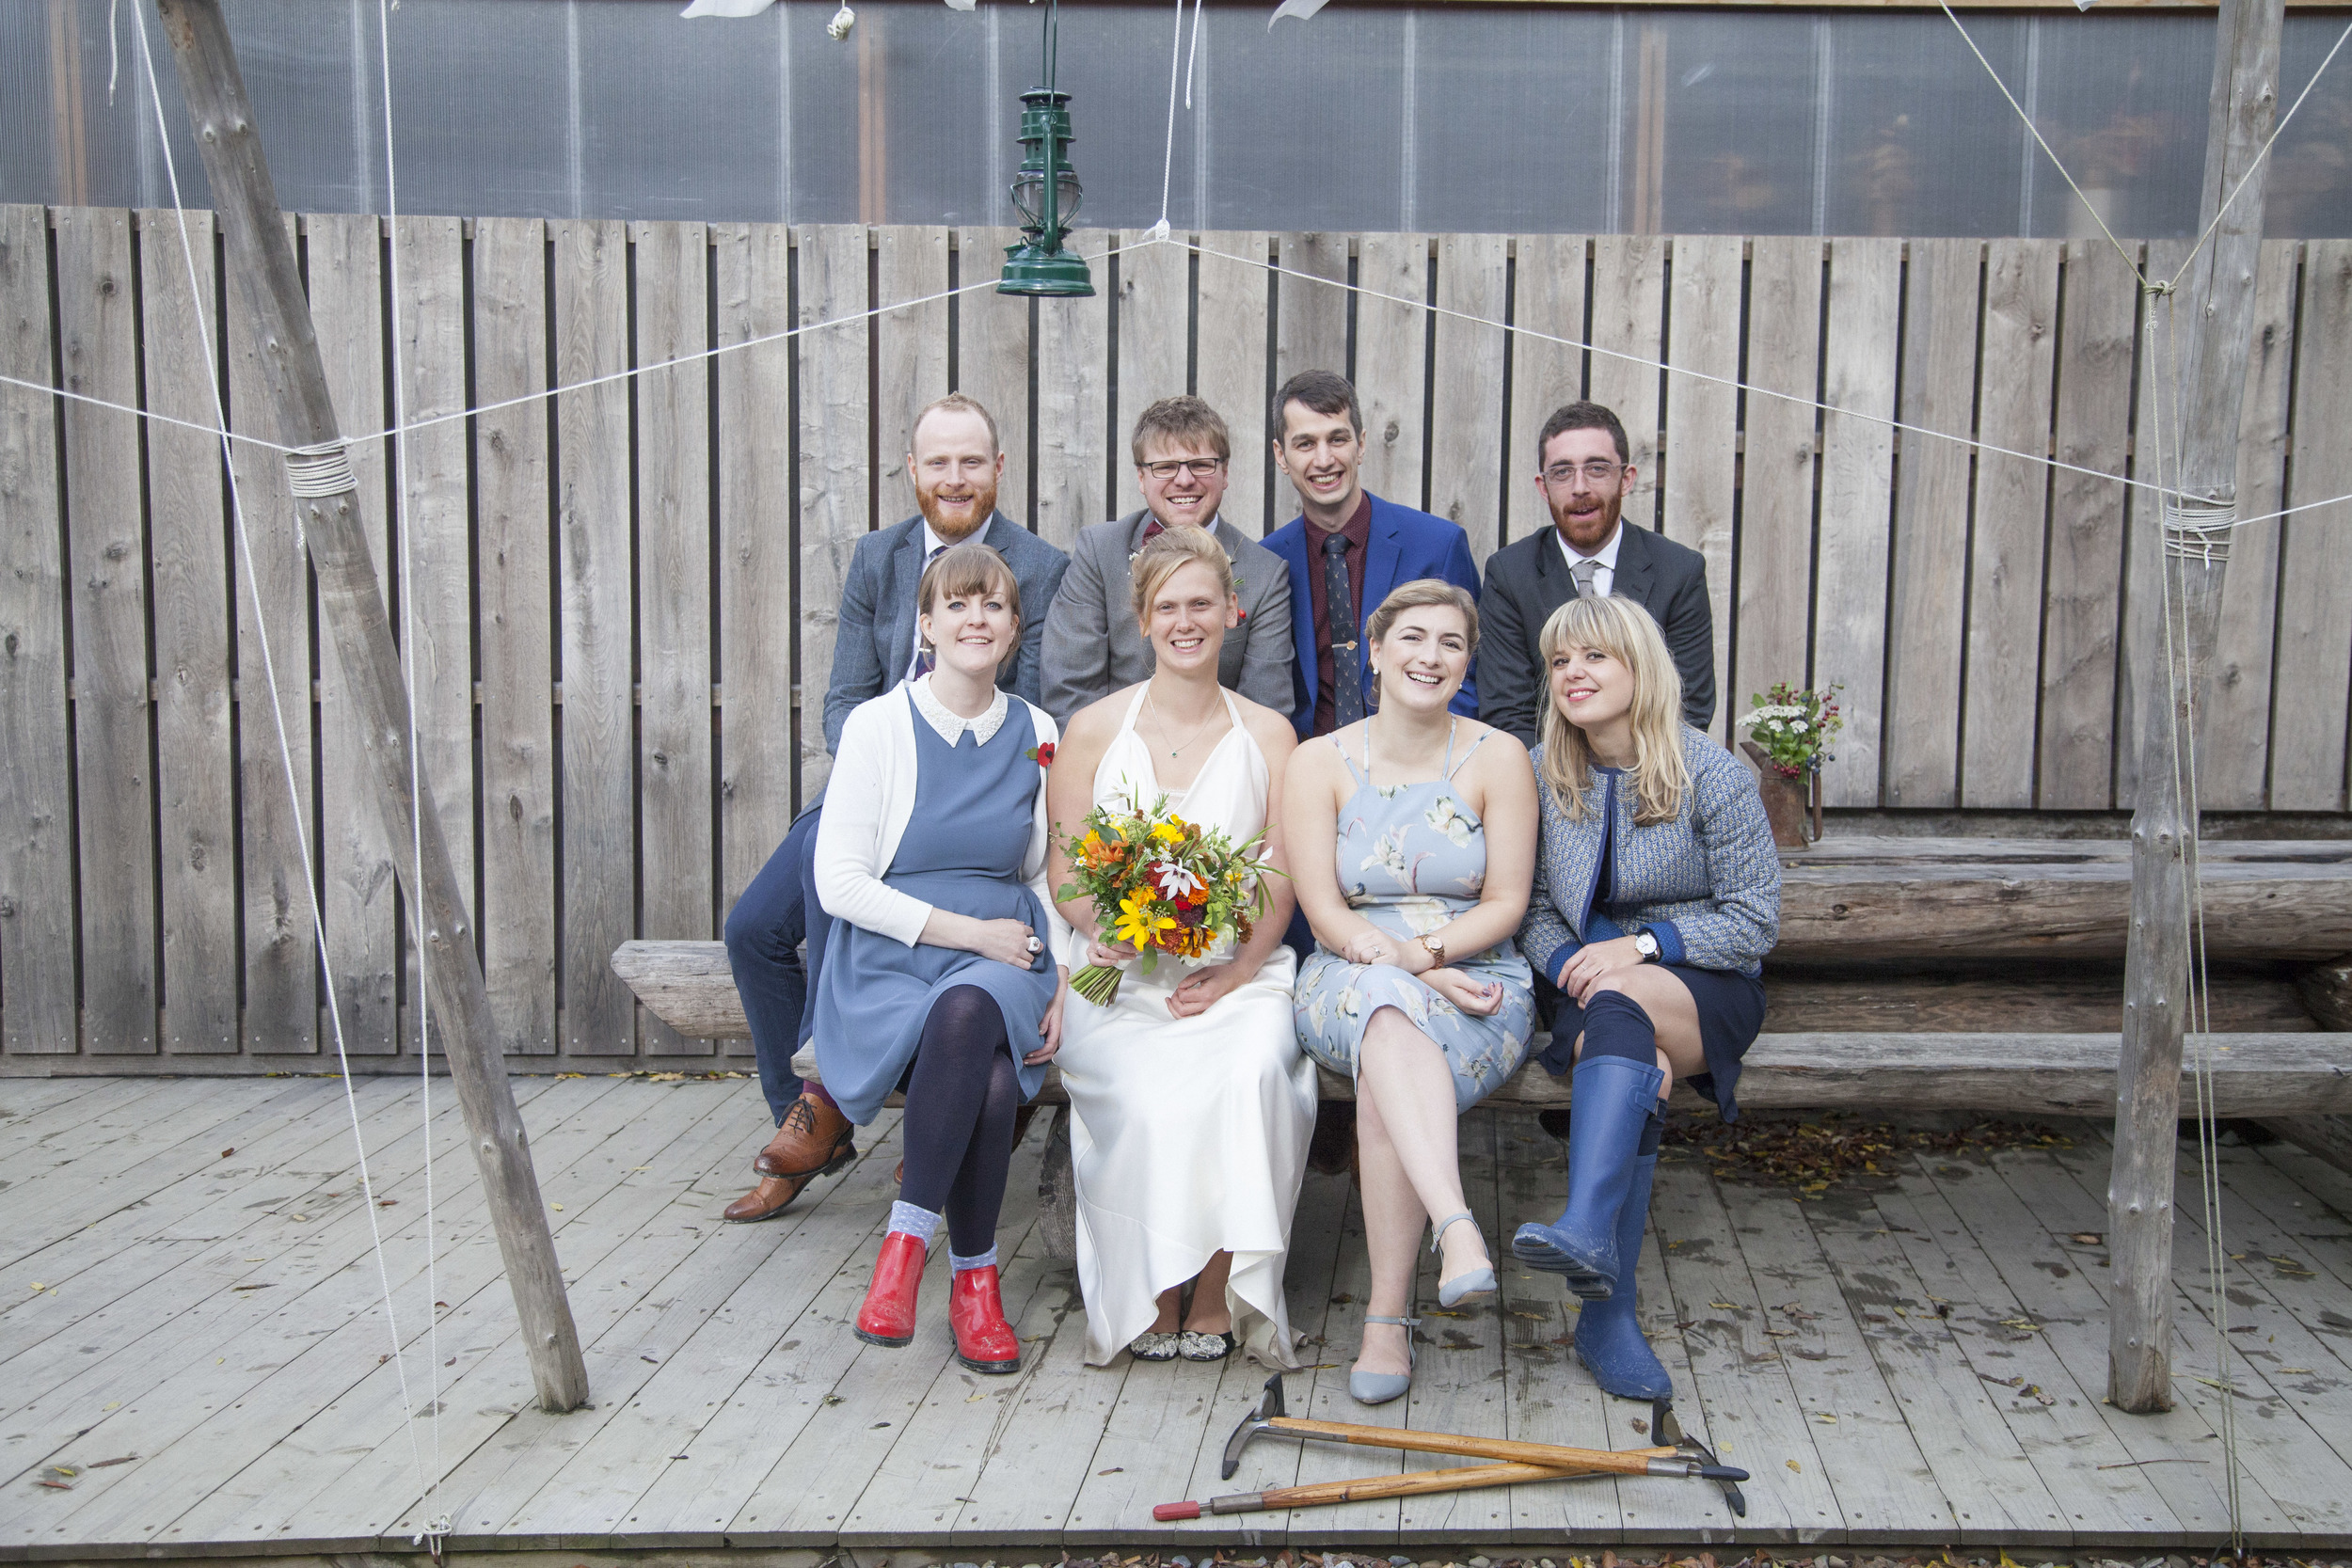 Wendy-Alexx-Fforest-Wedding-_214.jpg